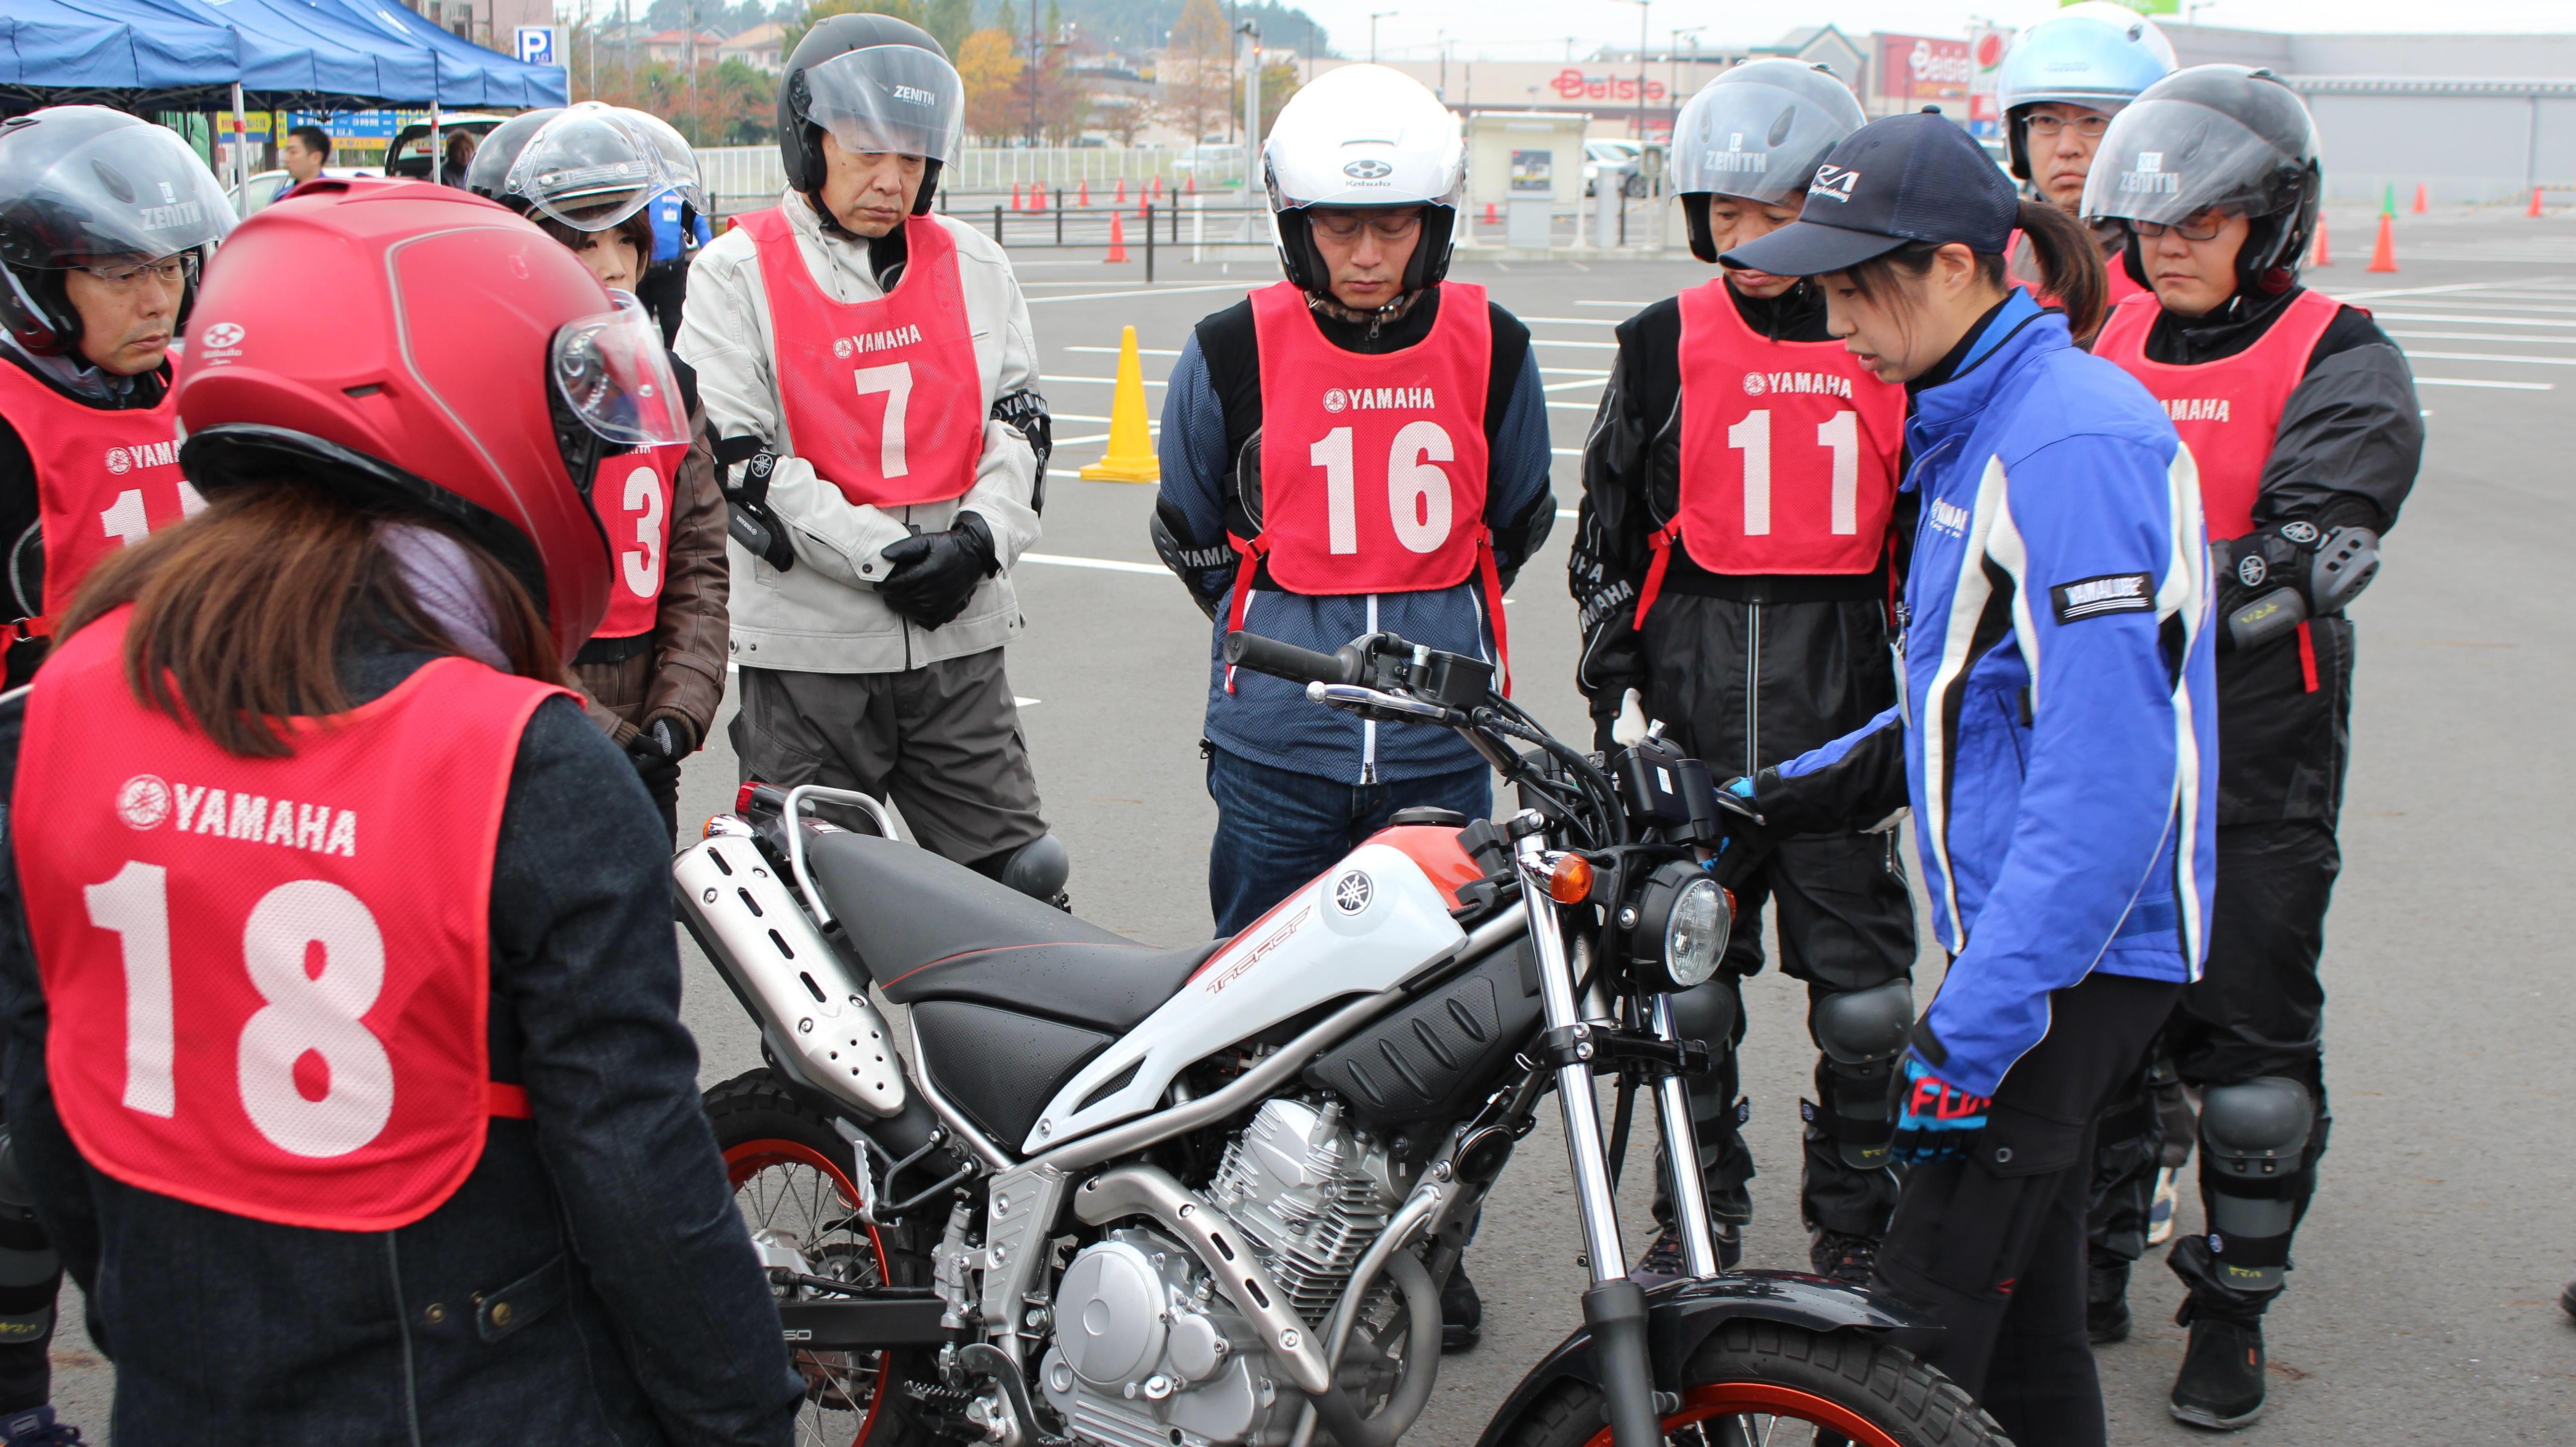 レッスンはプロテクター、ヘルメット、グローブを装着し、車両説明を受けるところから始まります。使用する装具、車両は全て貸し出し。手ぶらで気軽に参加できるのが人気の秘密。